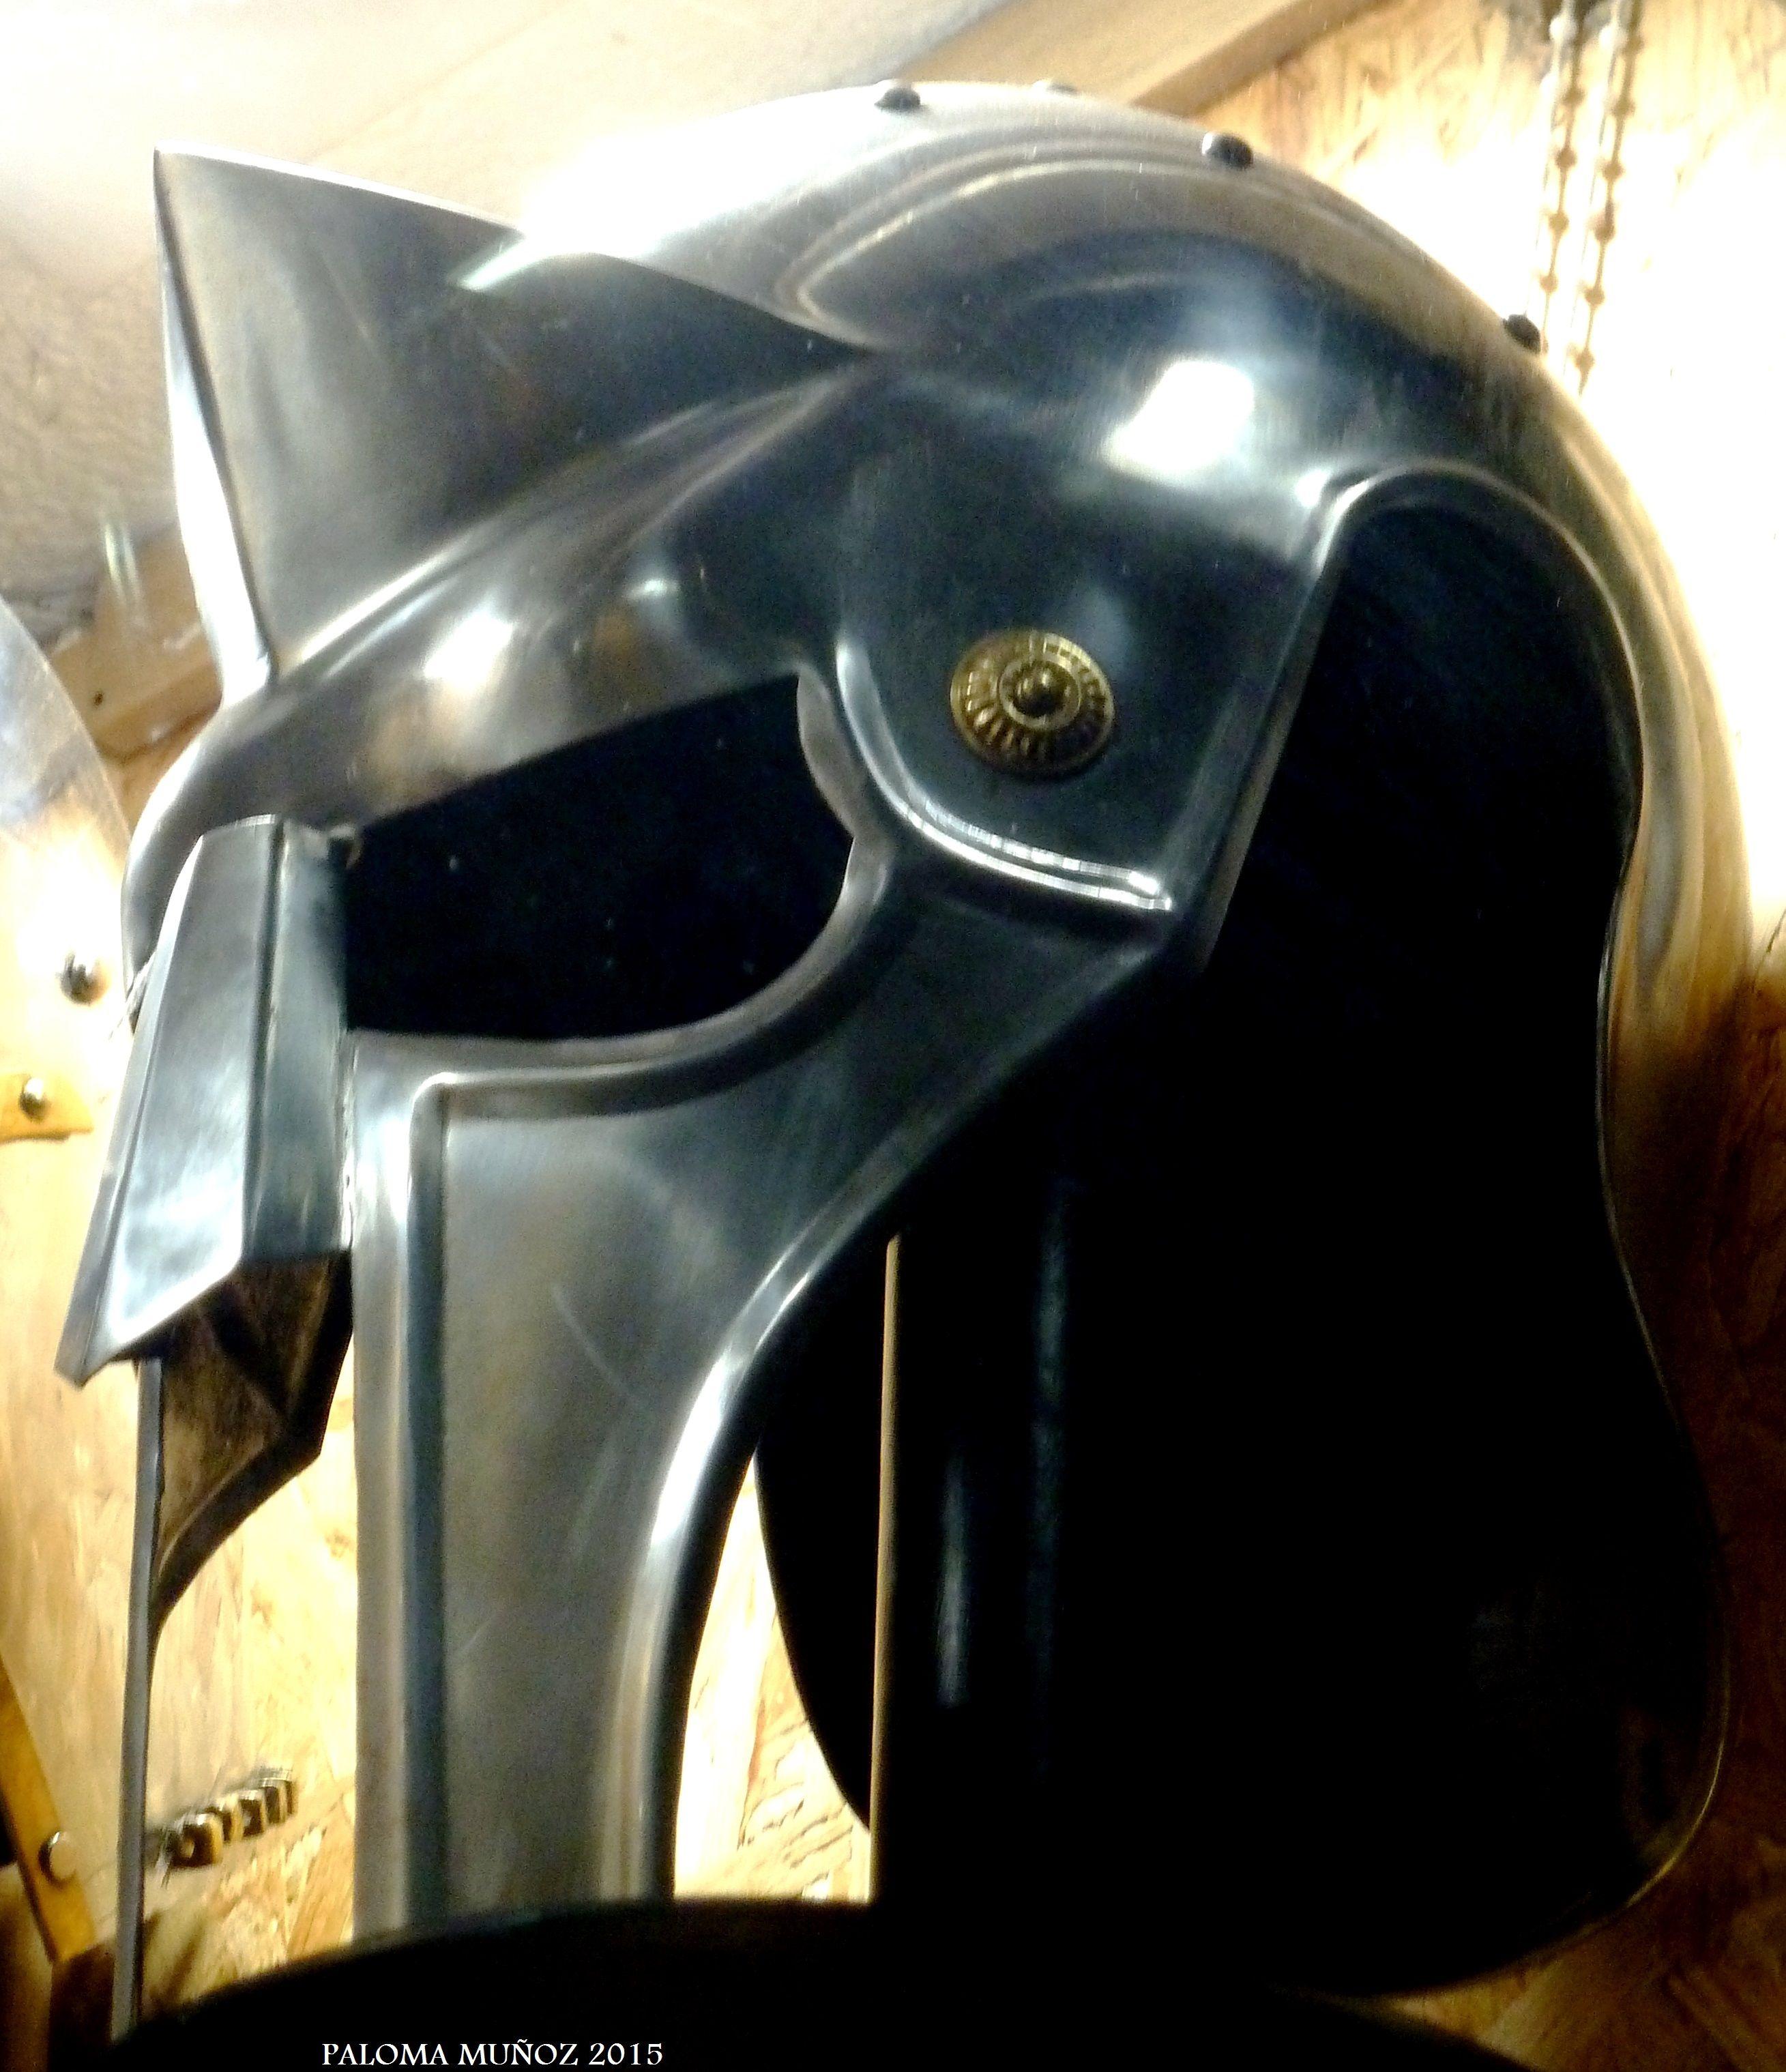 """Reproducción de casco que utilizaba Russell Crowe en la película """"Gladiator"""". Tienda de reproducciones famosas, Toledo. Playing helmet used Russell Crowe in """"Gladiator"""". Shop famous reproductions, Toledo"""